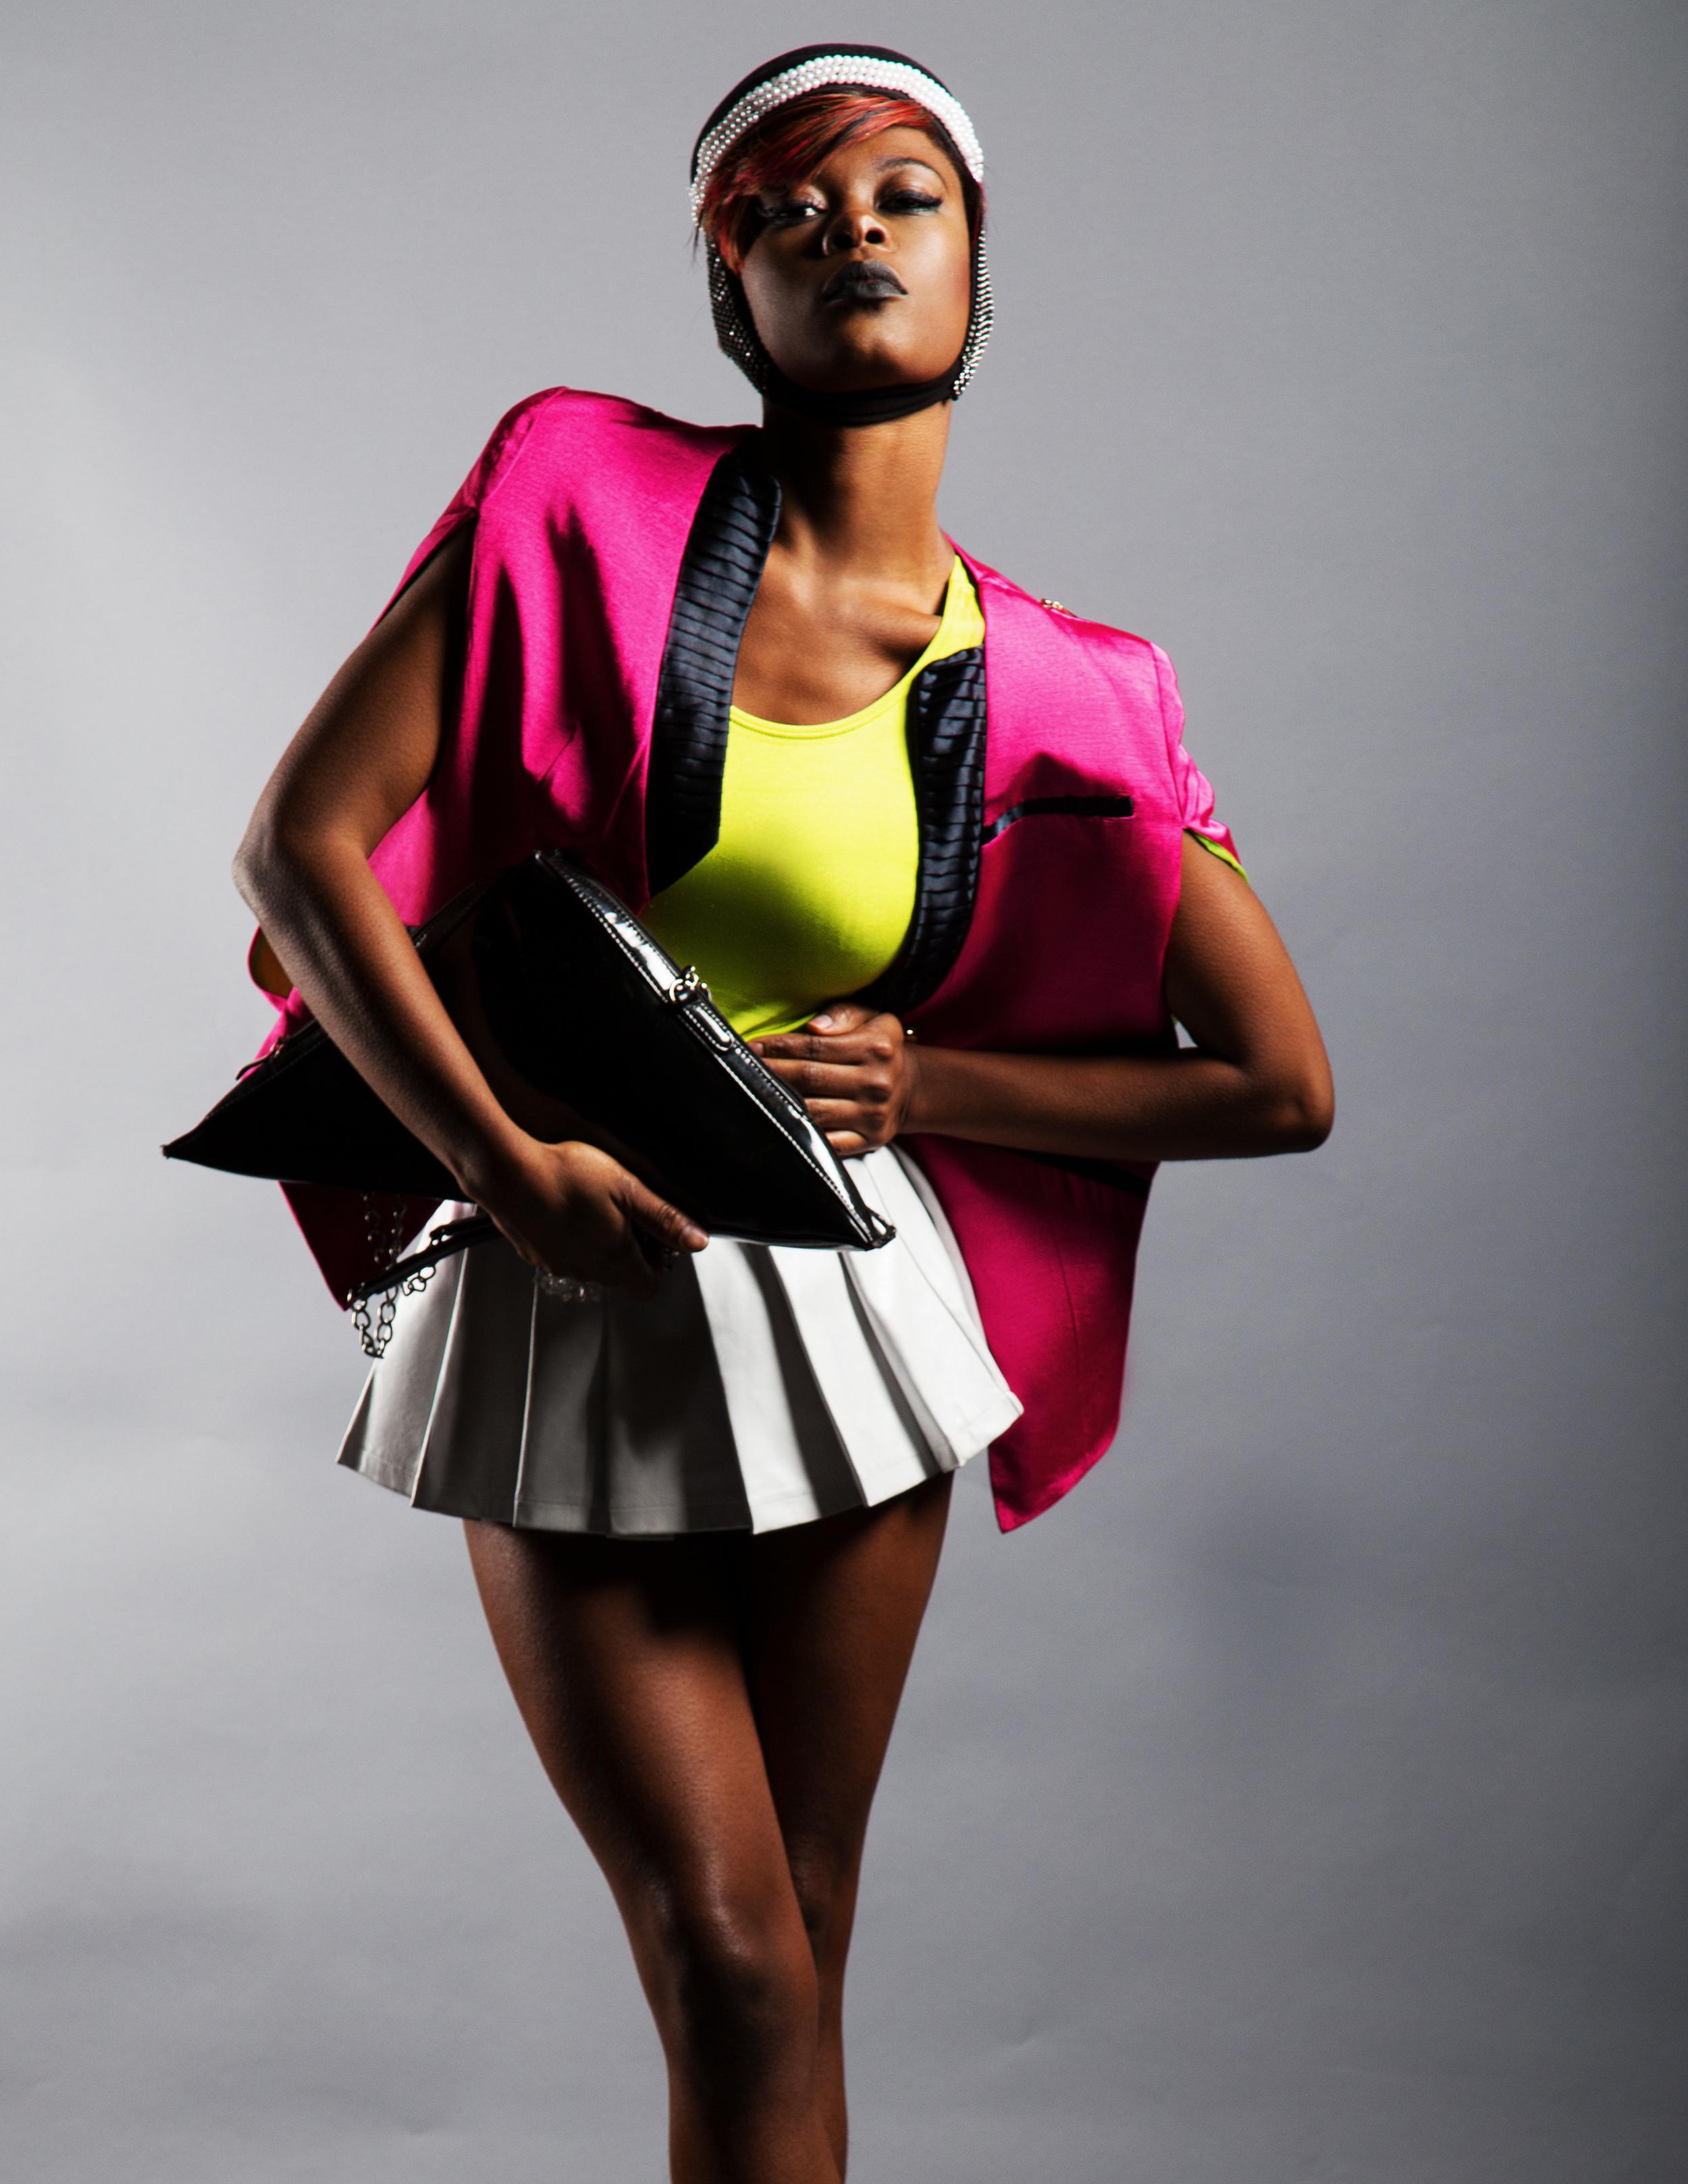 tennis skirt.jpg